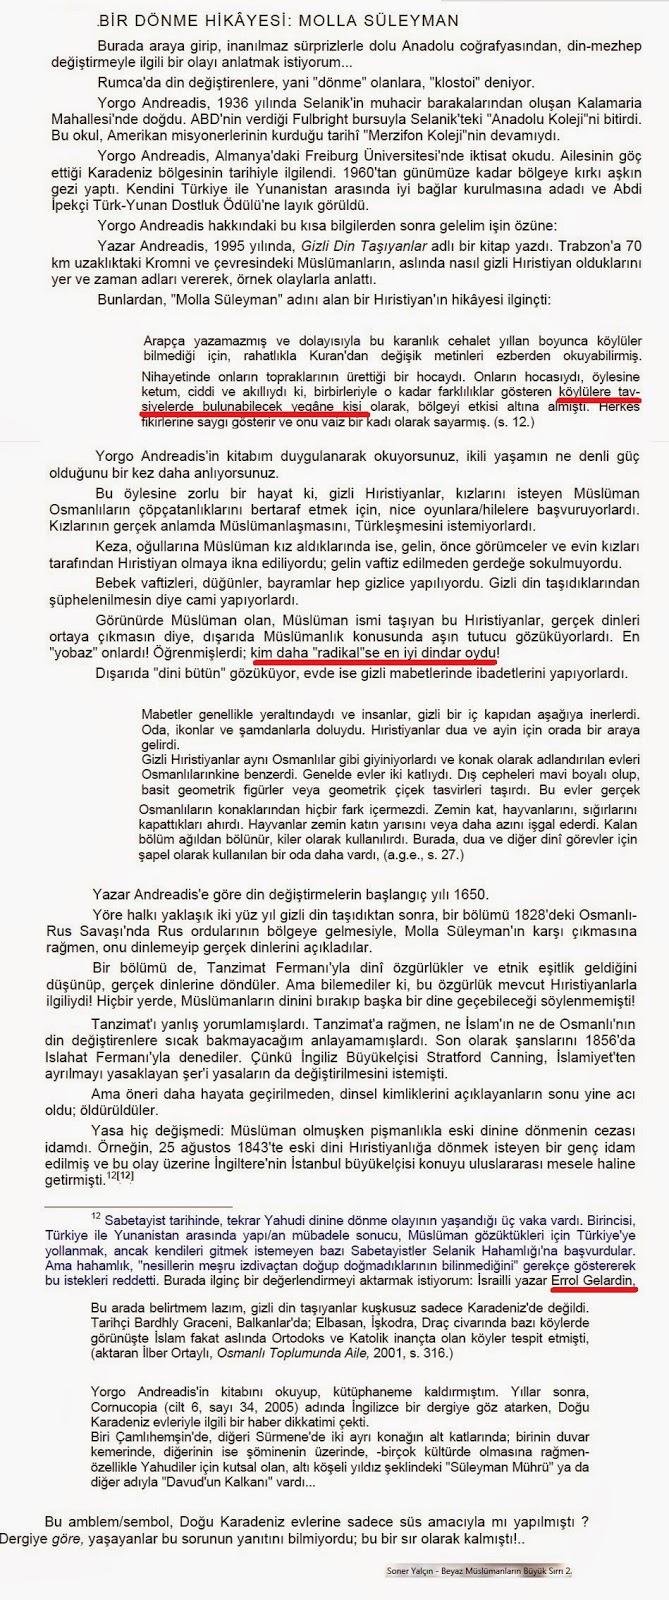 ABD Dışişleri Bakanı Rex Tillersonın Türkiyeye ziyareti, ABD ile Türkiye arasındaki siyasi krizi çözümüne katkıda bulunur mu 83